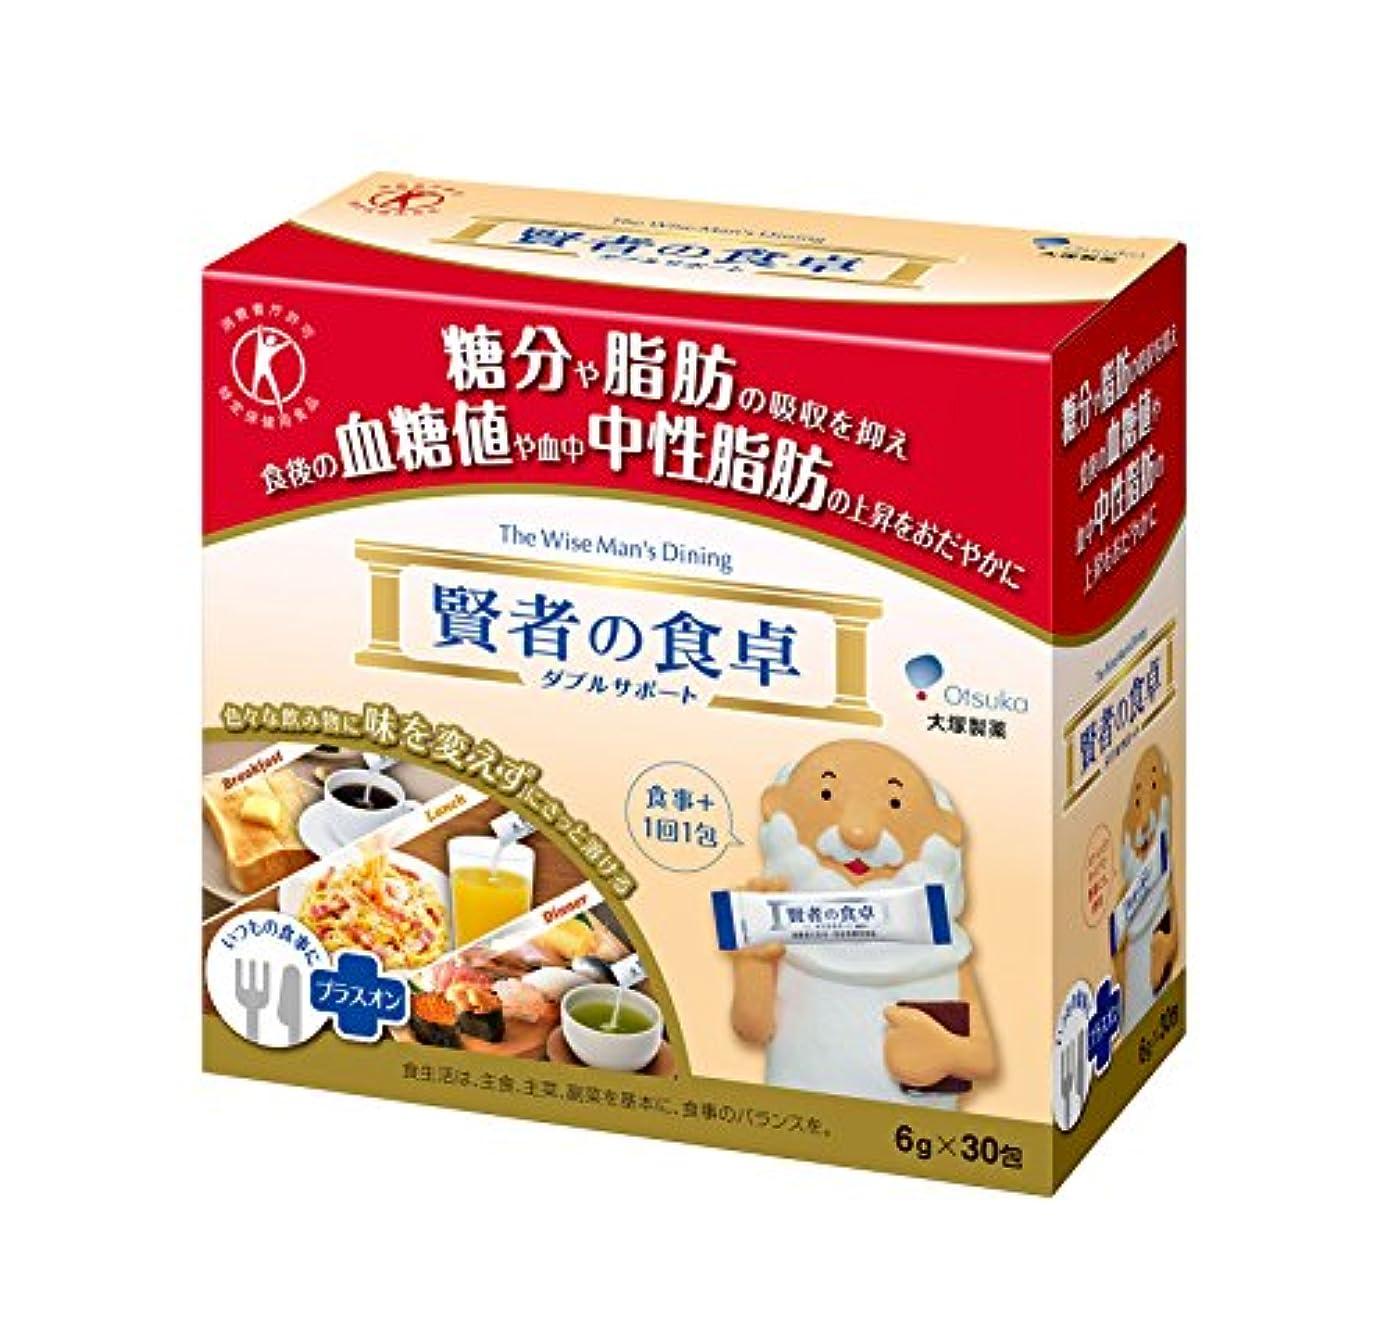 遠い洗う再び大塚製薬 賢者の食卓 ダブルサポート 6g×30包 【特定保健用食品】